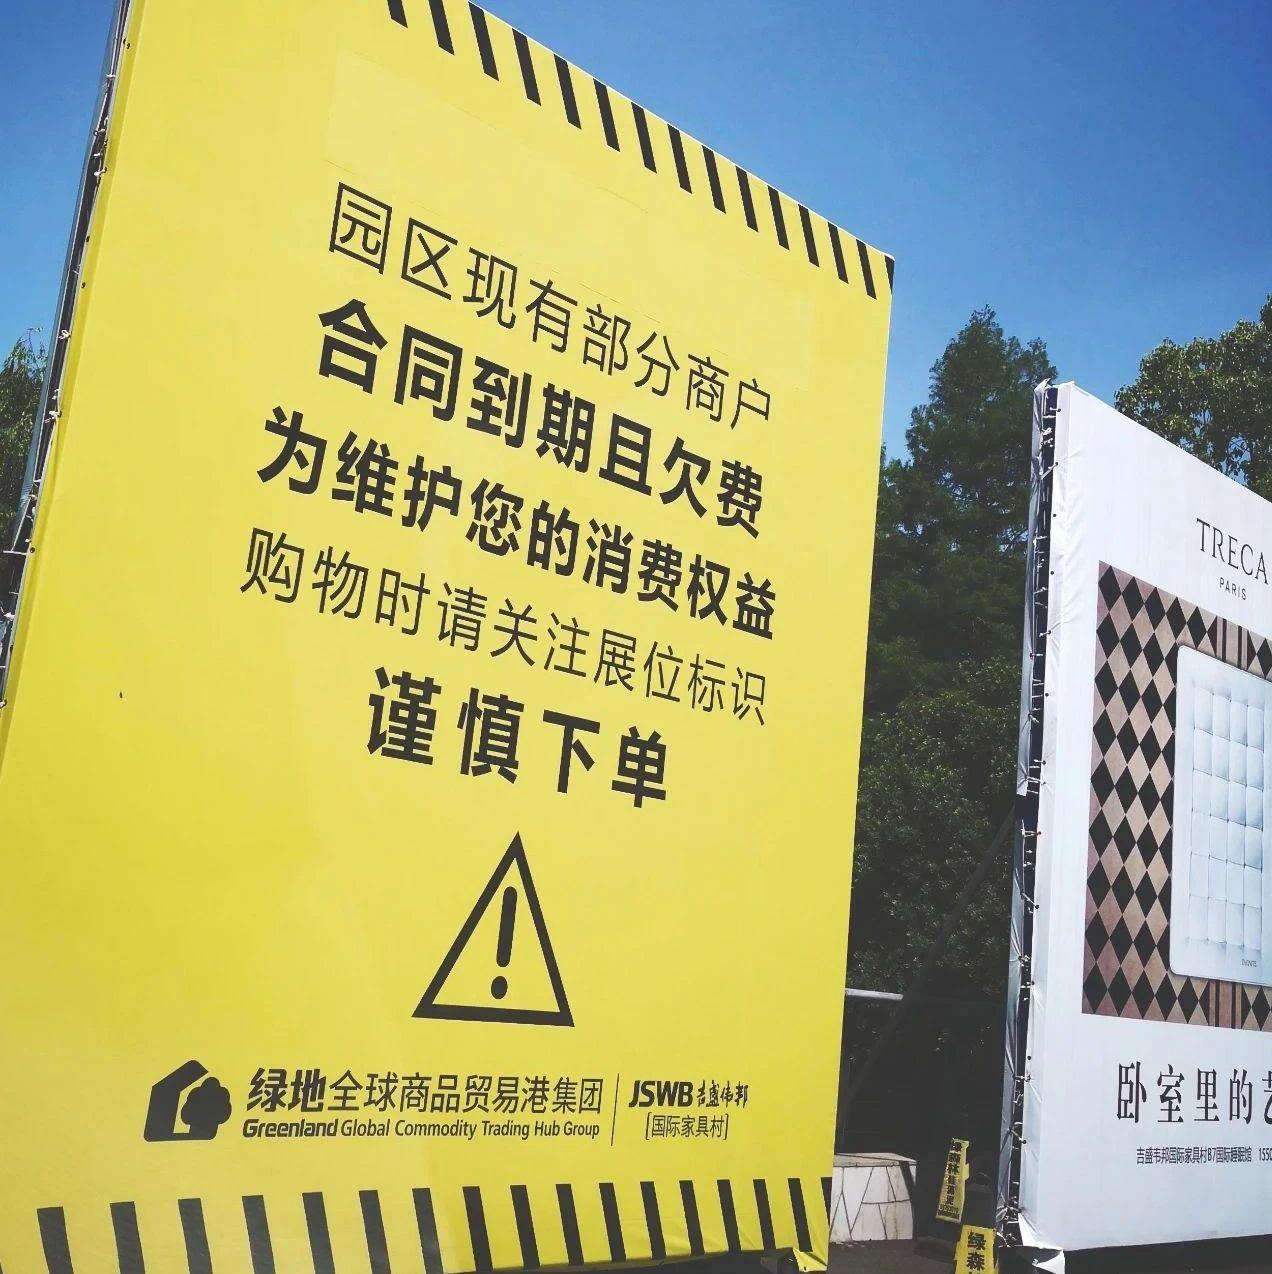 绿地集团拆迁上海最大家具村:事涉数千人就业,5百余家企业生存